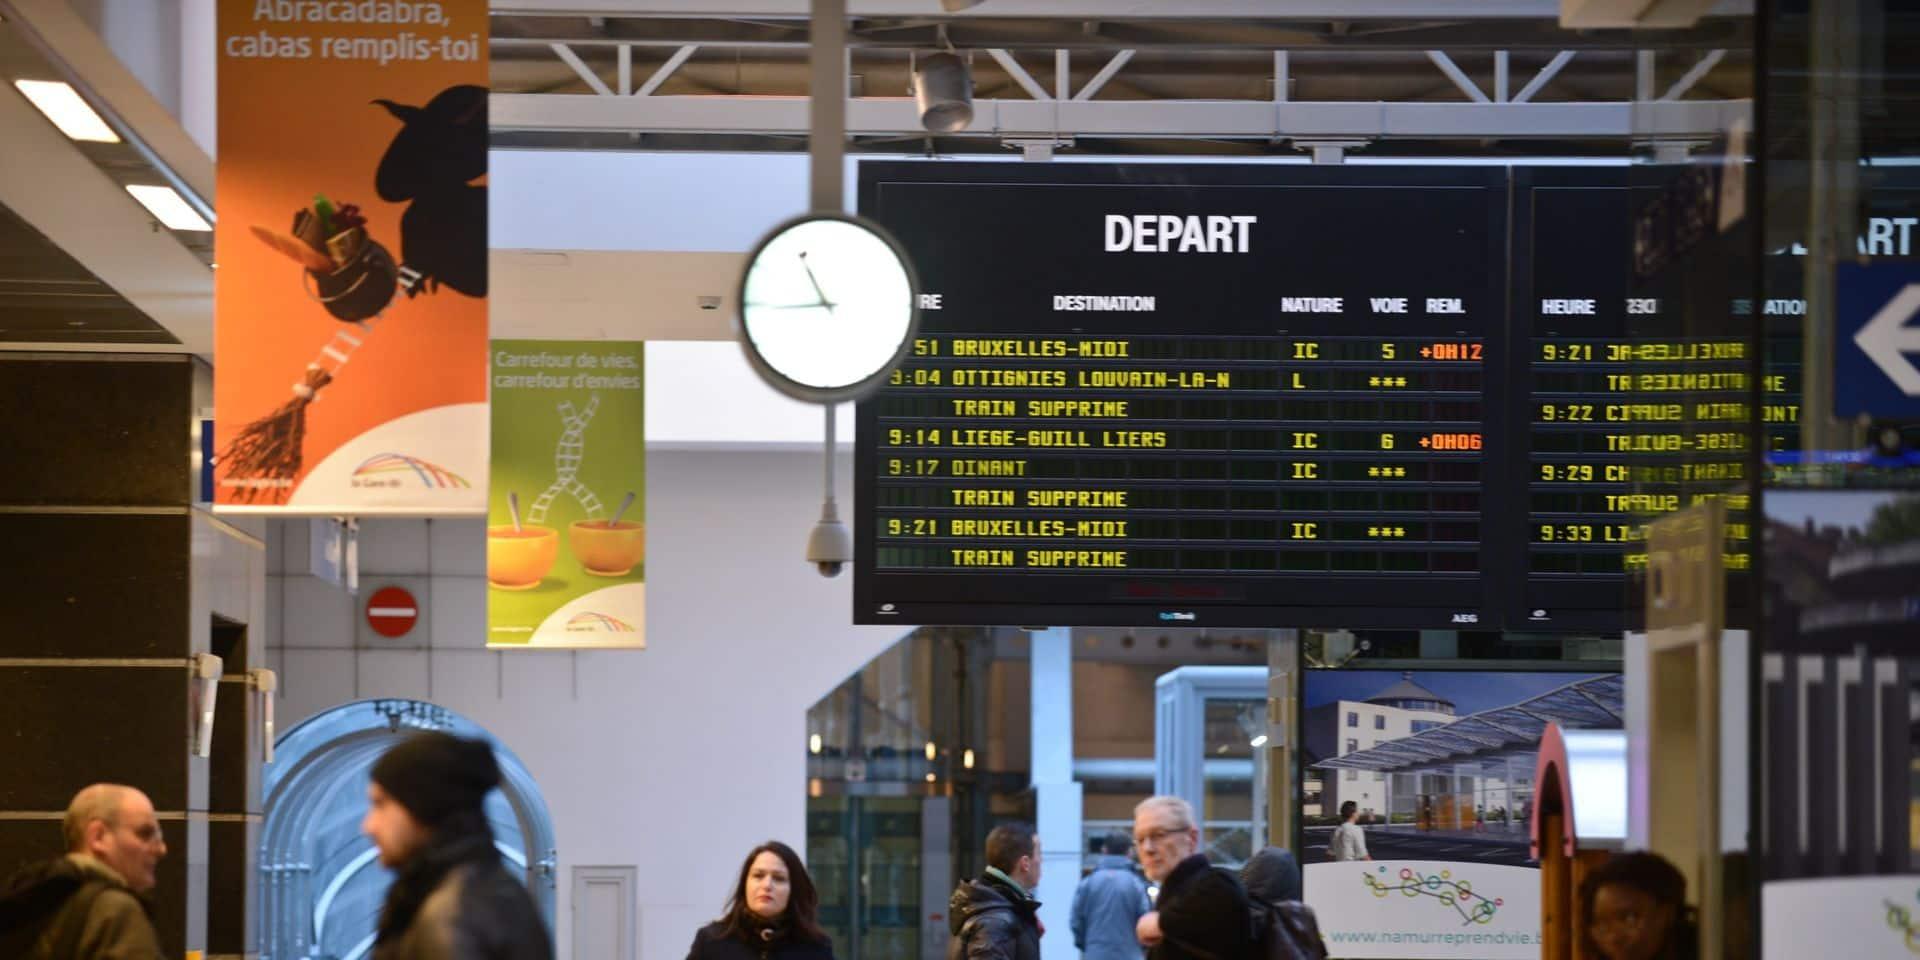 Des peines de 2 et 3 ans avec sursis pour la moitié pour un vol avec violence en gare de Namur